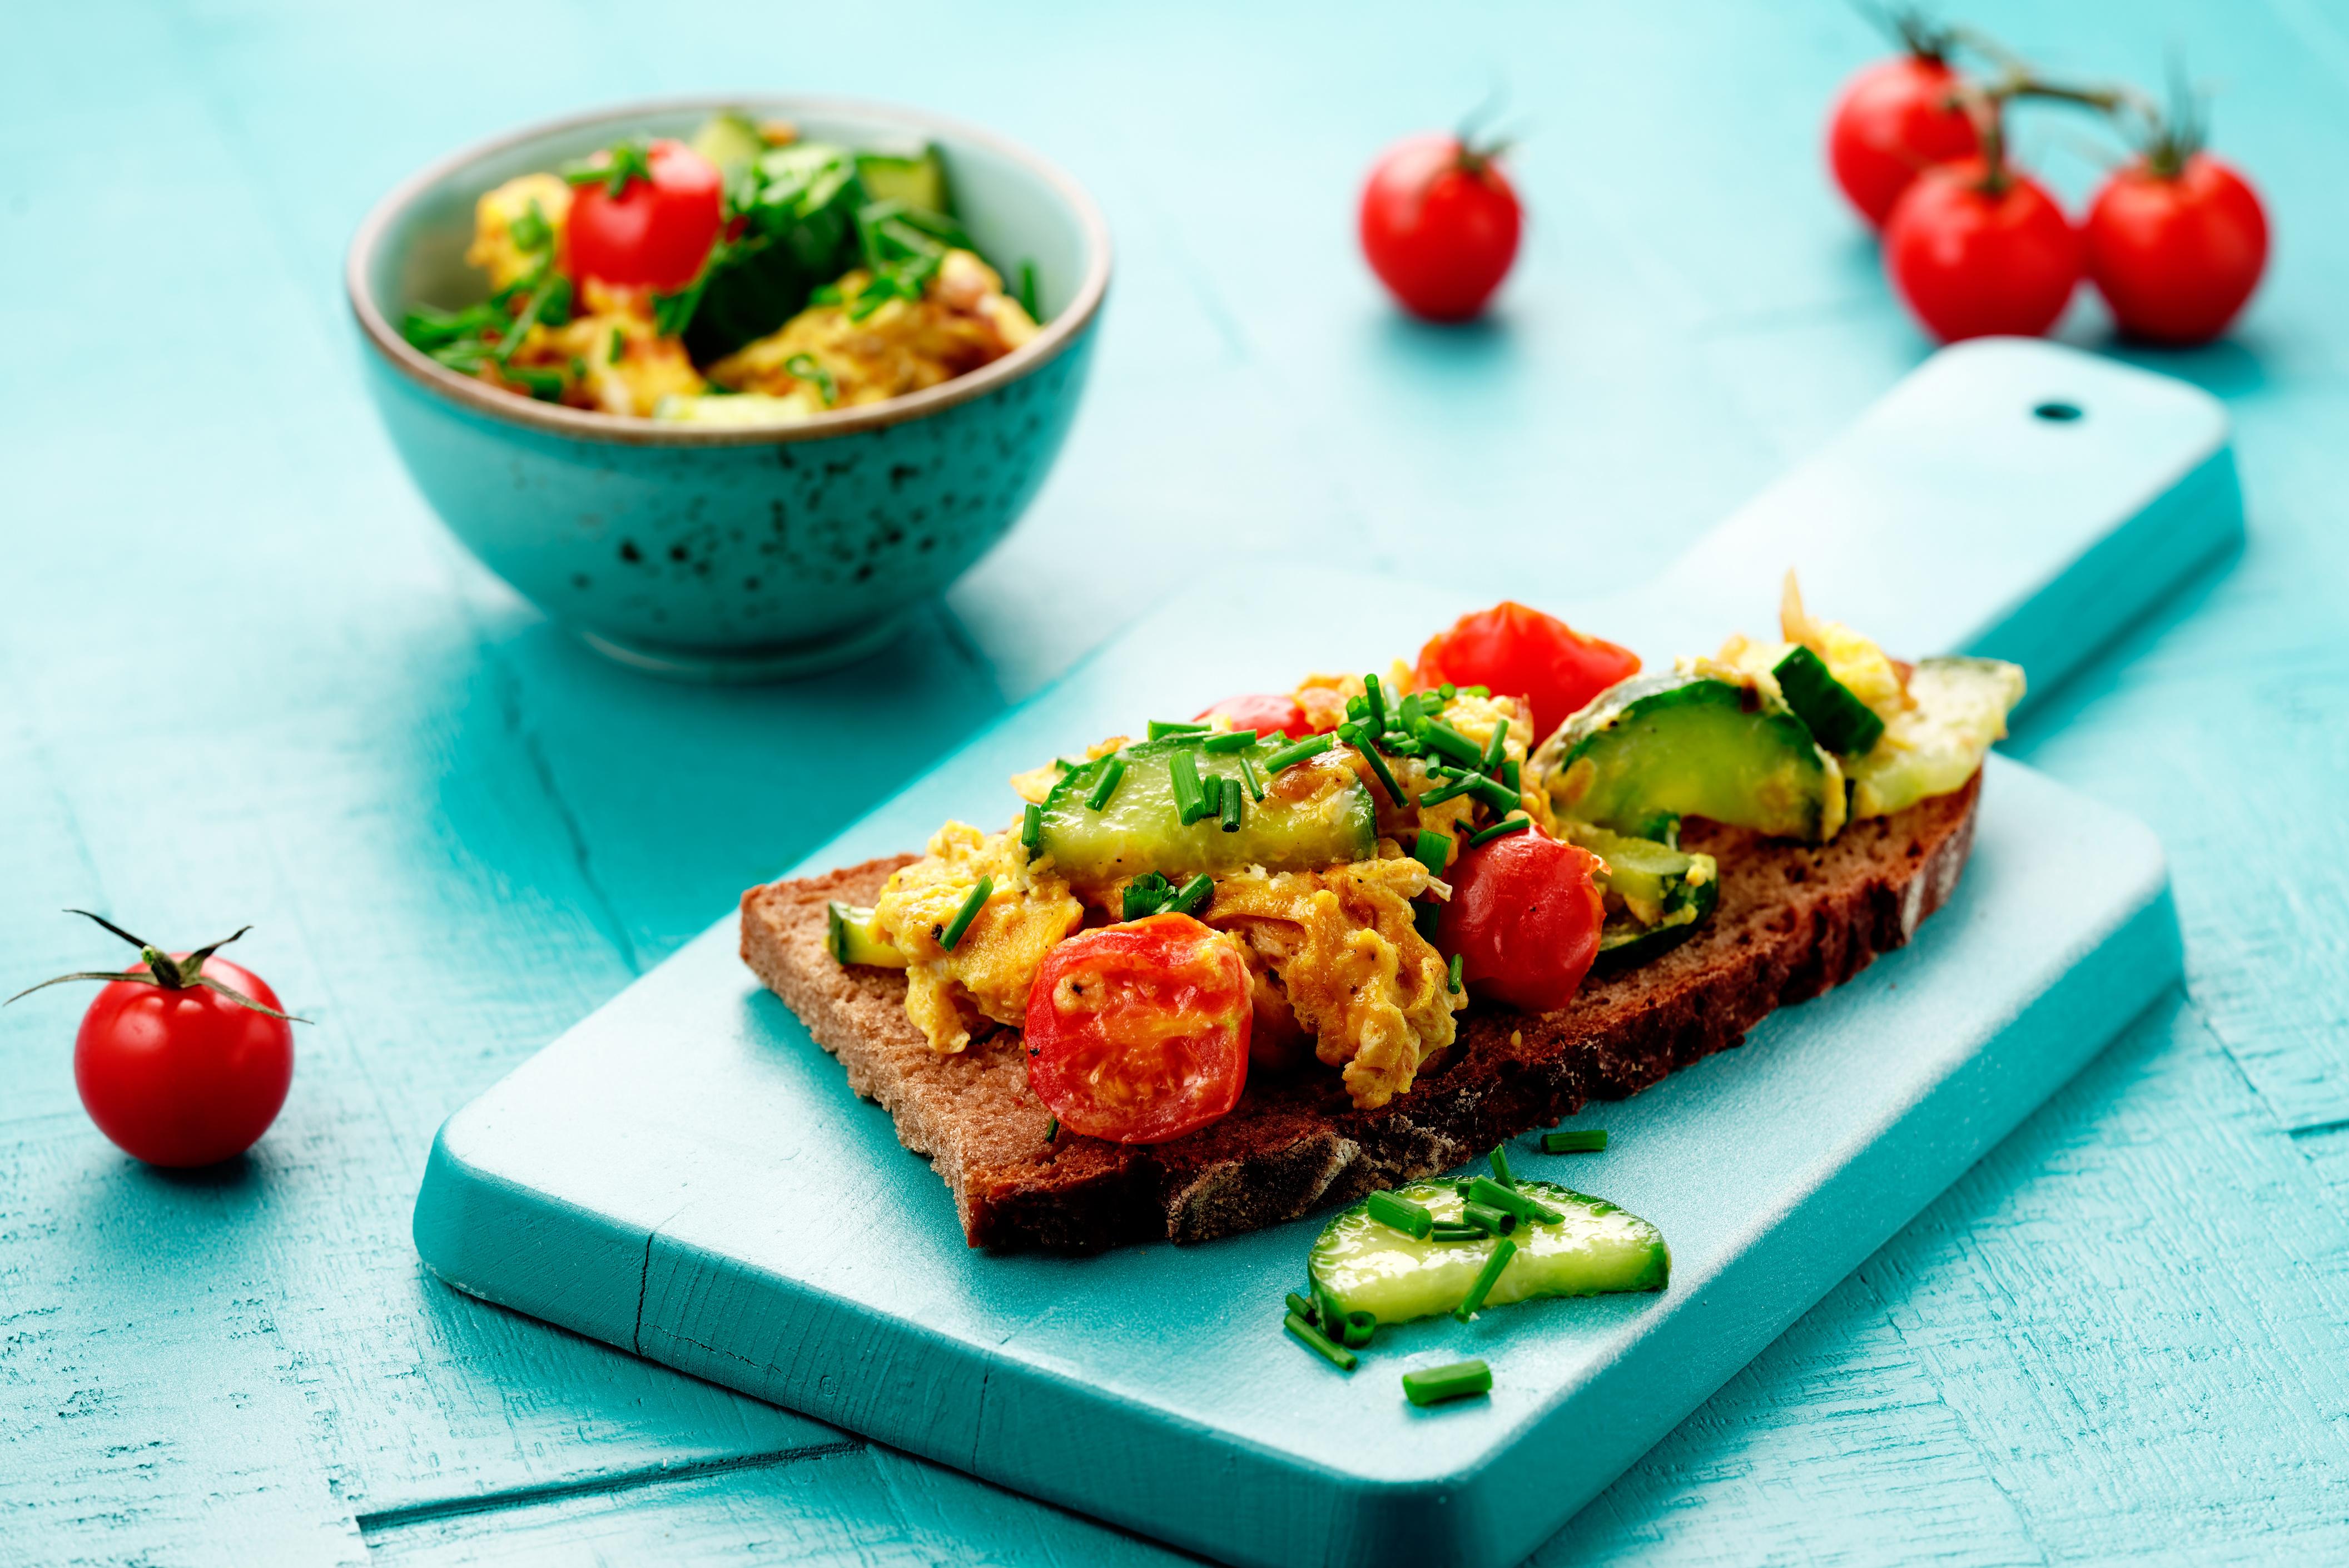 Фото Помидоры Бутерброды Еда Овощи разделочной доске 4225x2820 Томаты бутерброд Пища Продукты питания Разделочная доска